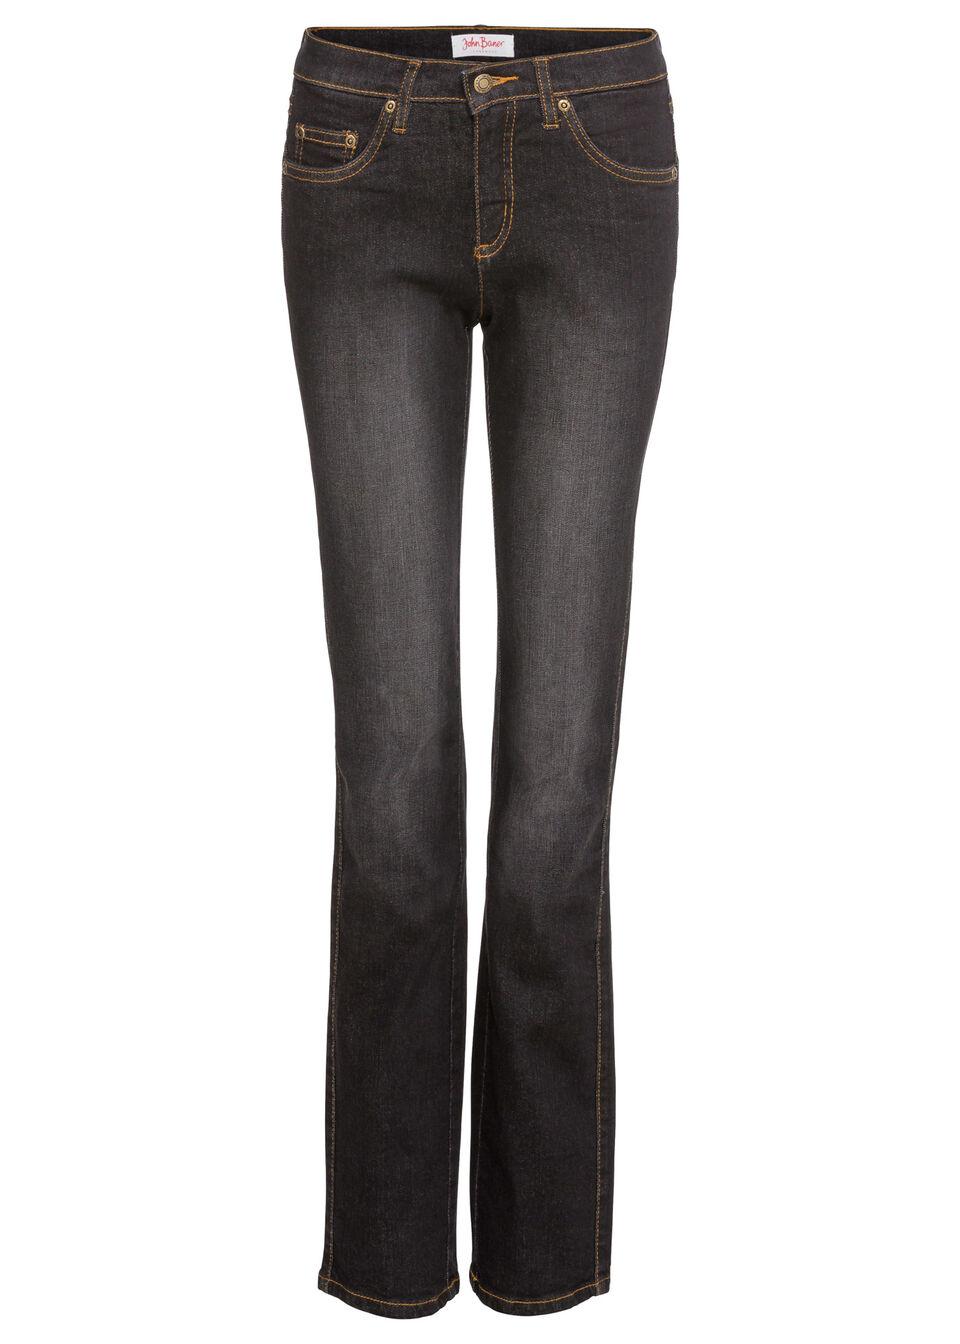 Хит продаж: стройнящие джинсы-стретч STRAIGHT от bonprix